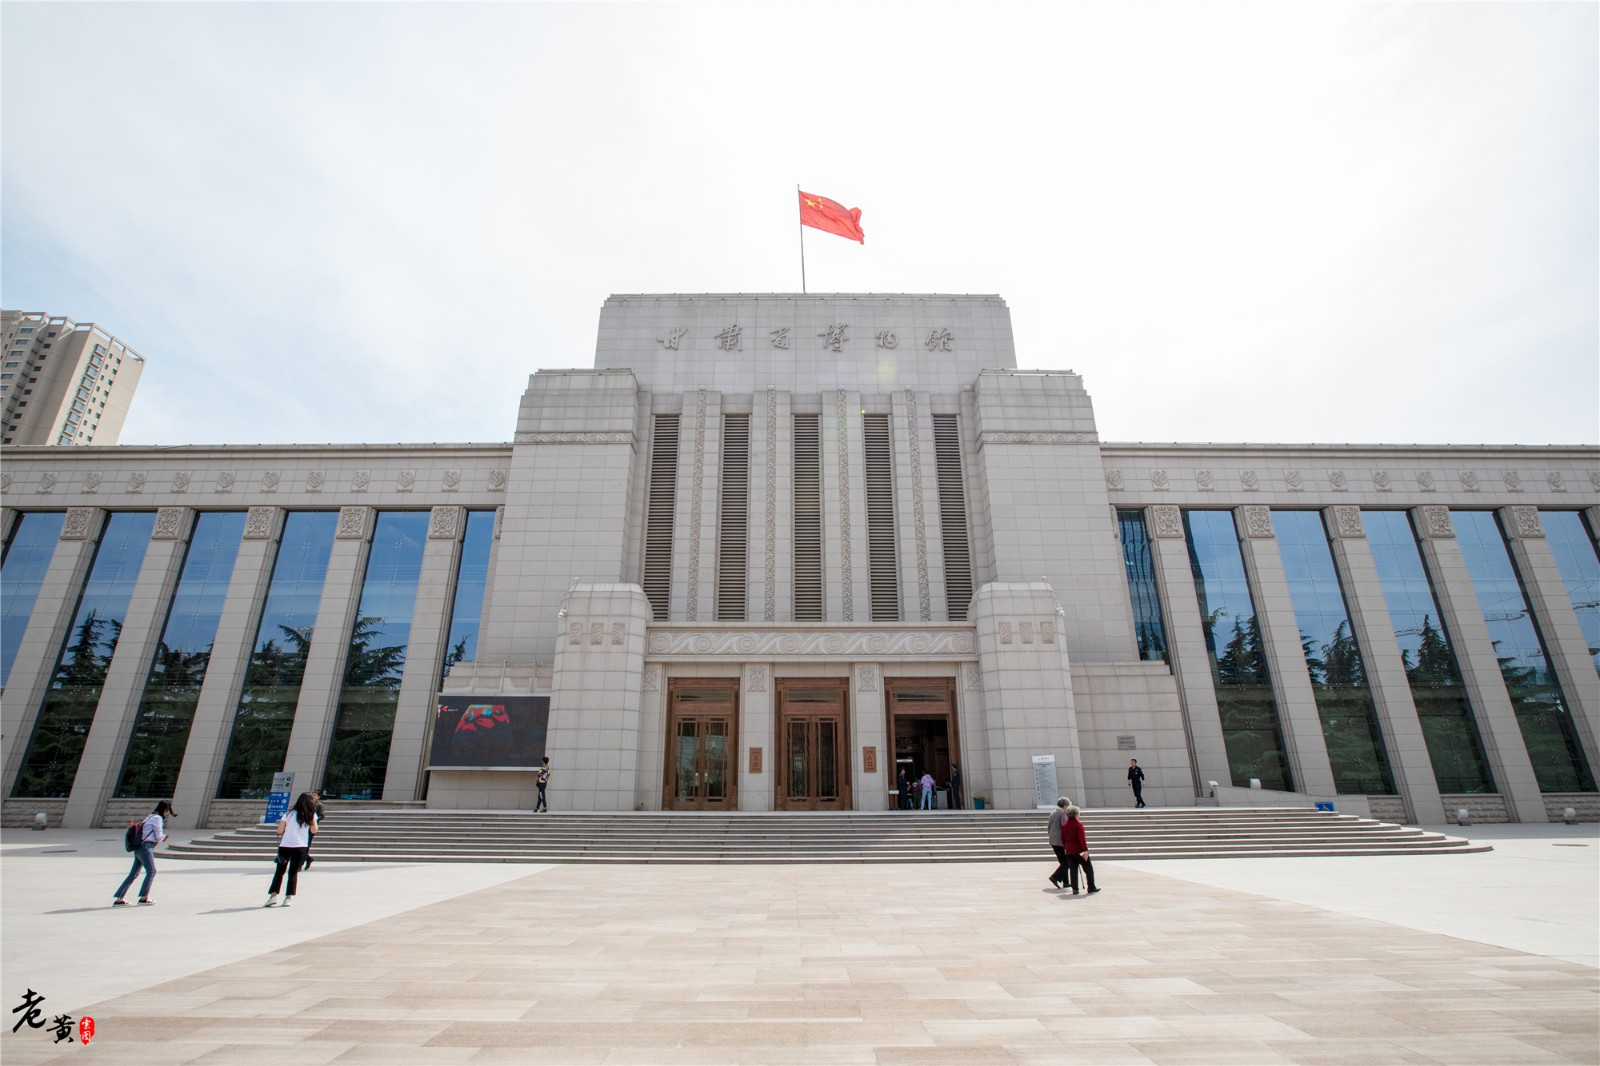 赏甘肃省博物馆,国家宝藏节目后这里变得更加耀眼,游客必打卡